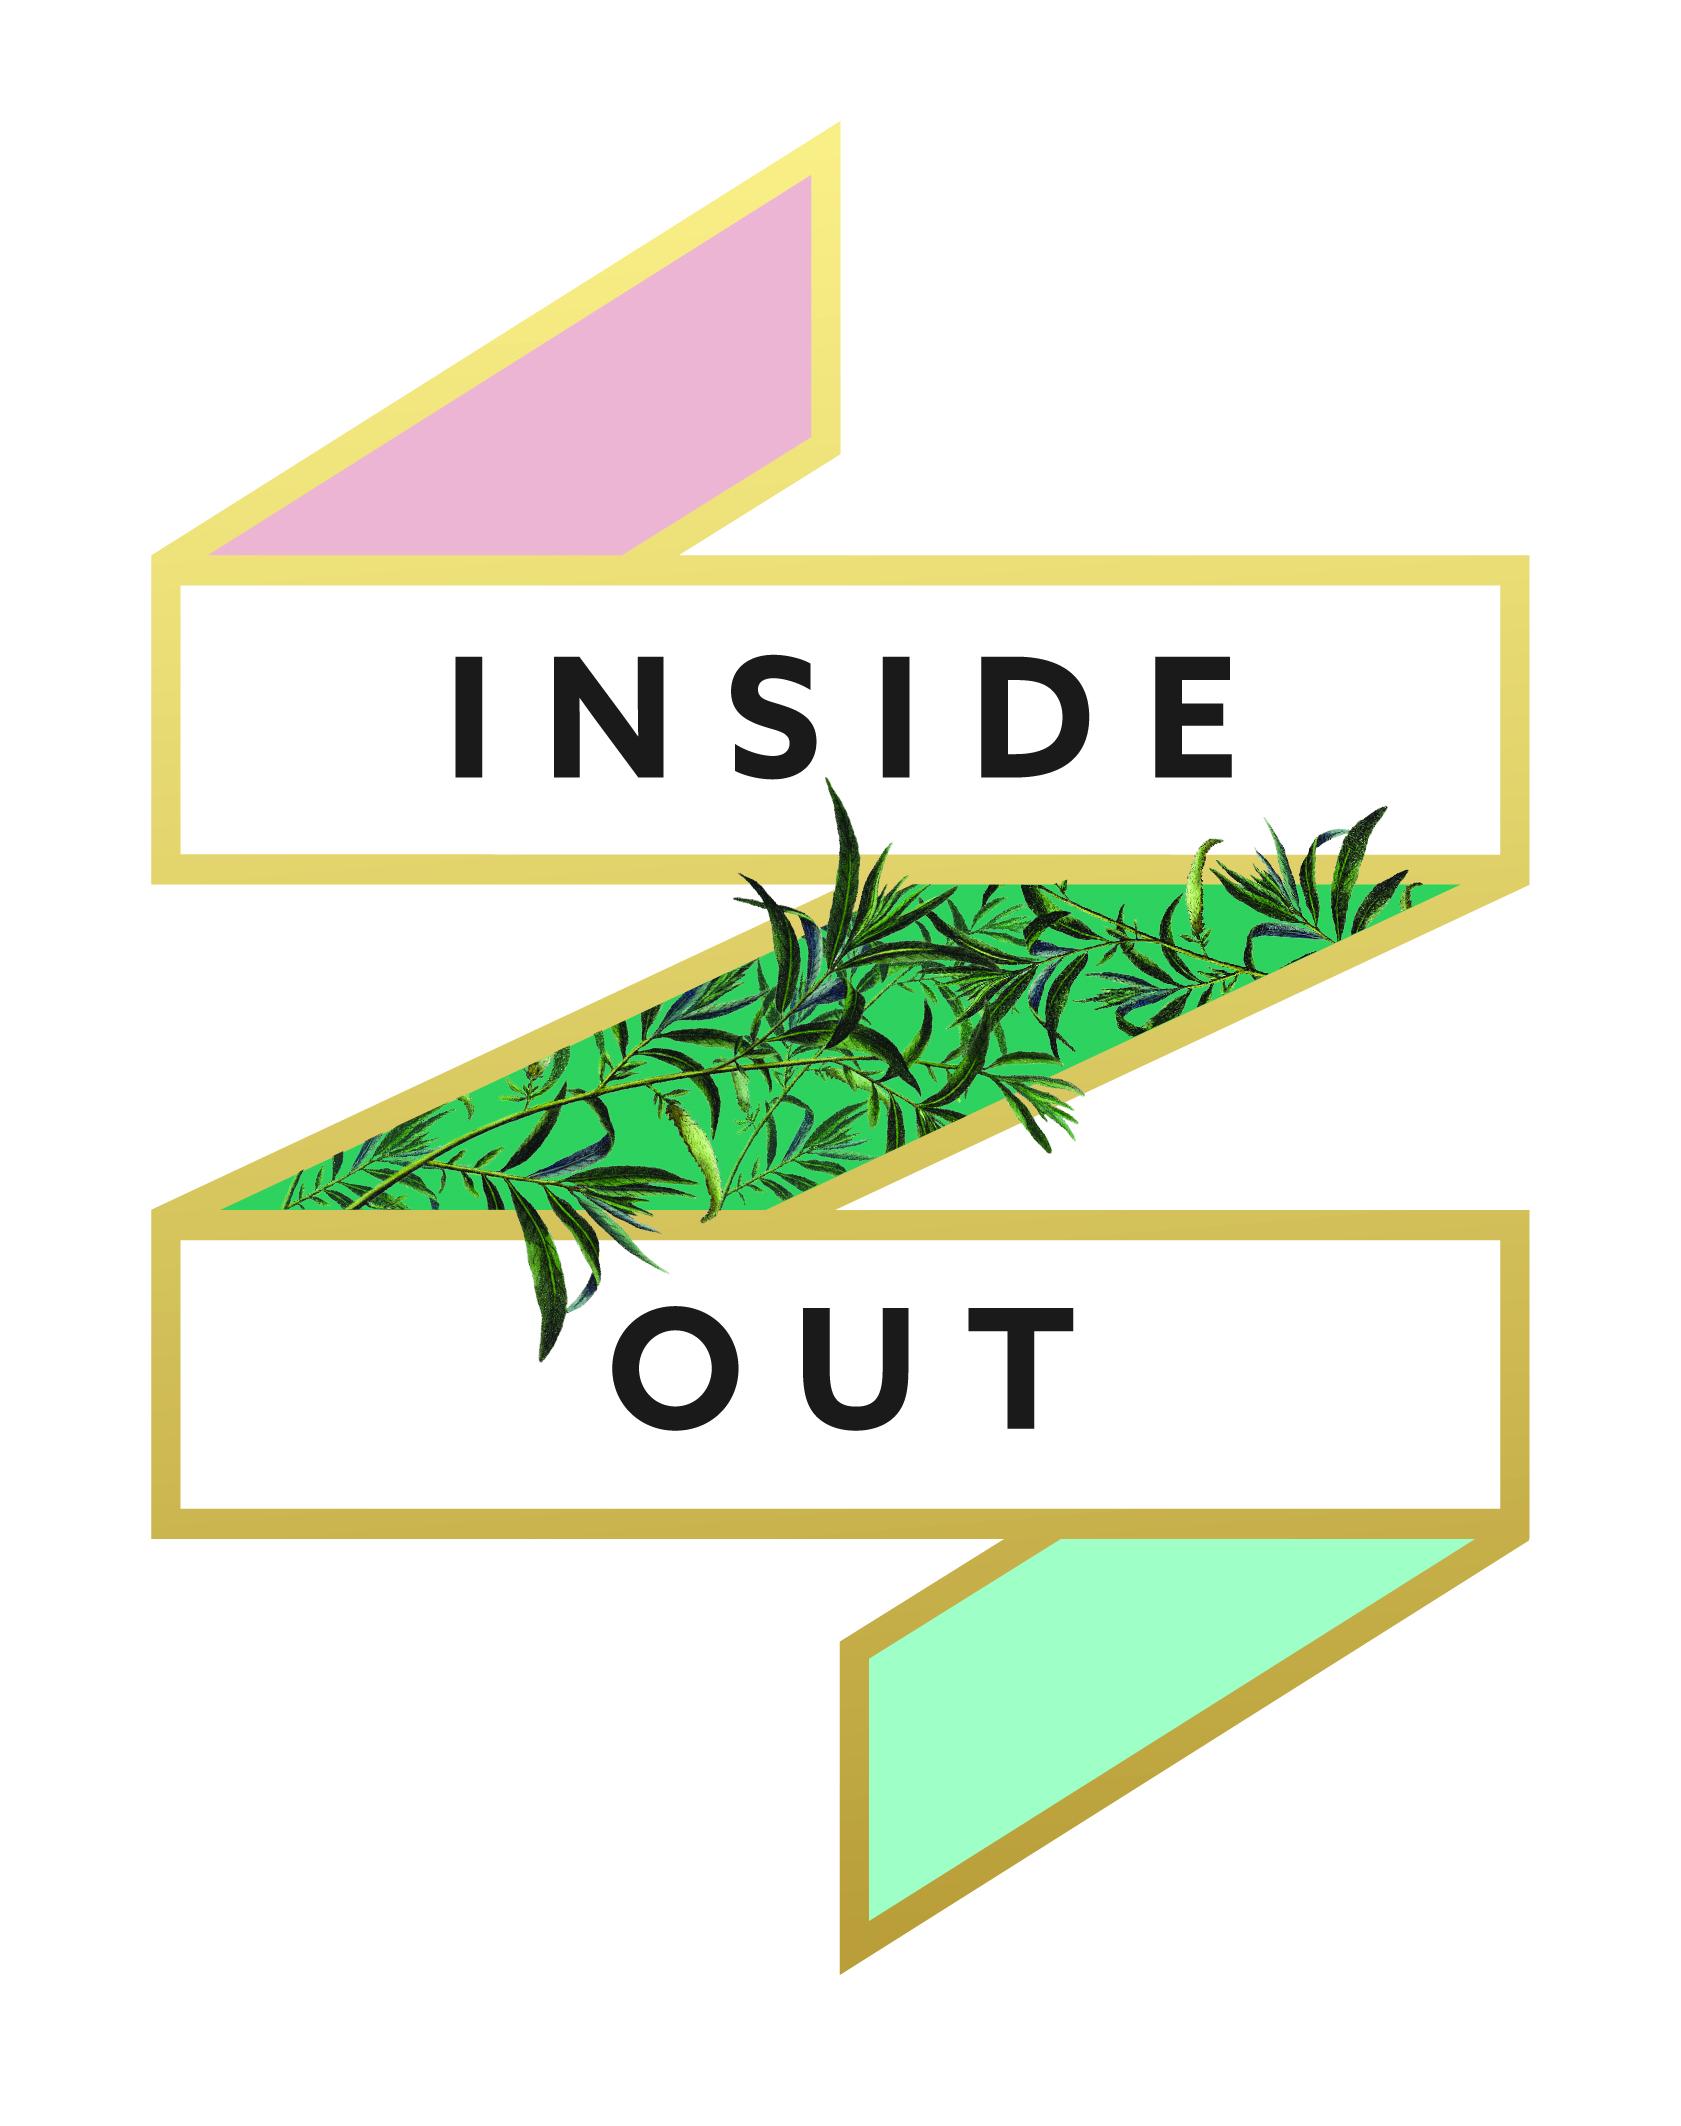 Bezoek ons op de inside out beurs de jonghe eeklo - Beurs geopend op de tuin ...